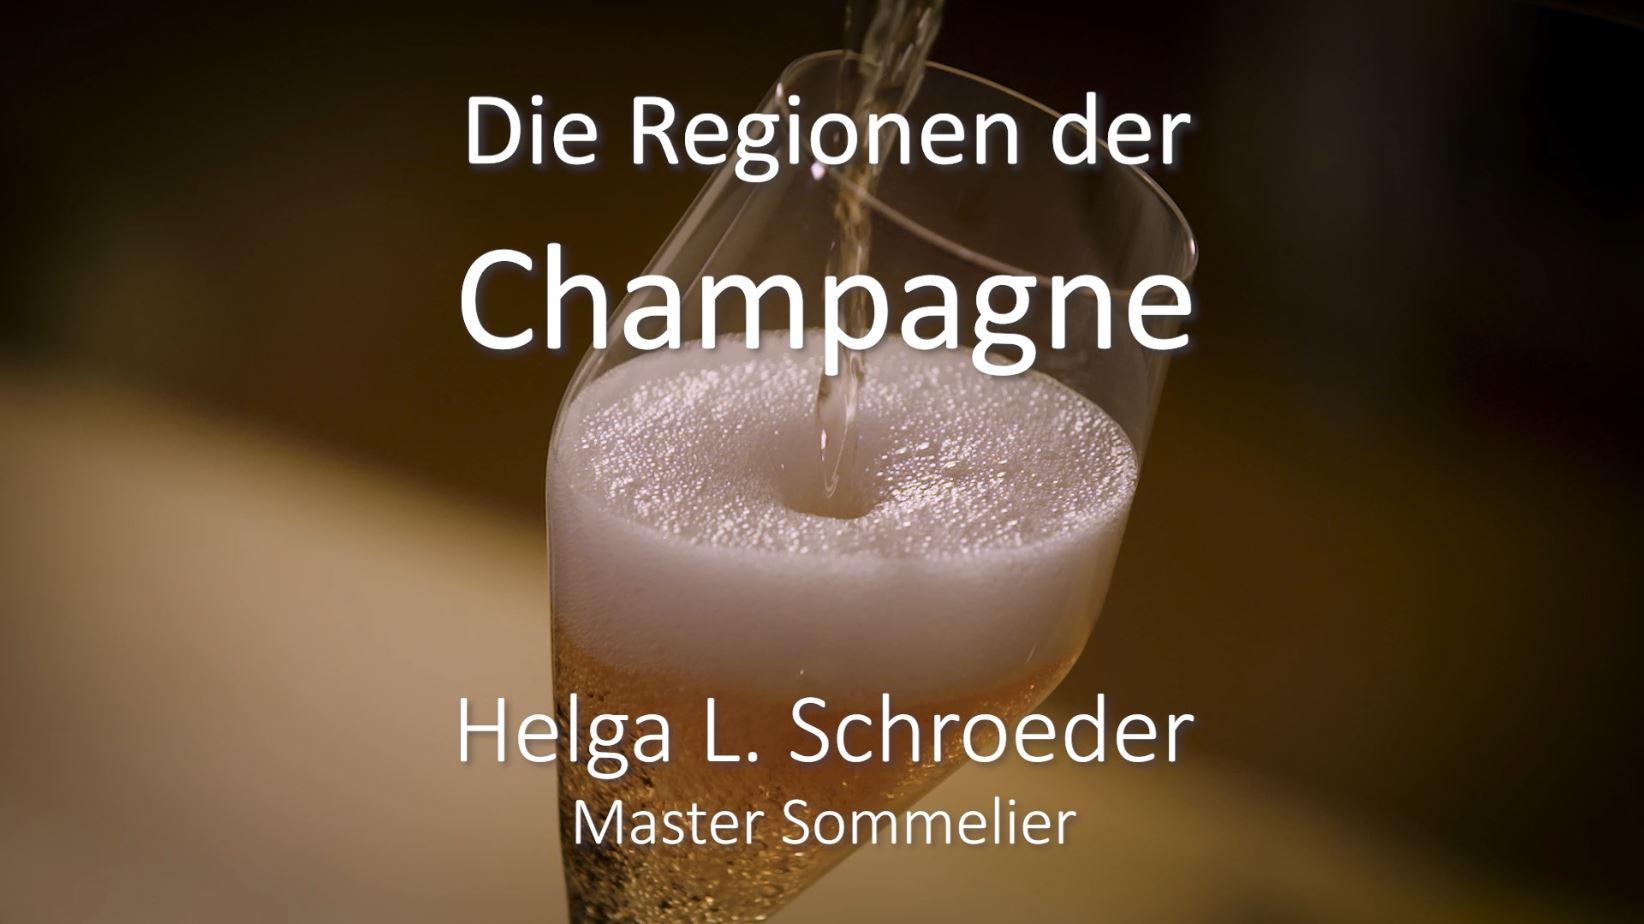 Champagne_Die_Regionen_der_Champagne_Helga_Schroeder_MS